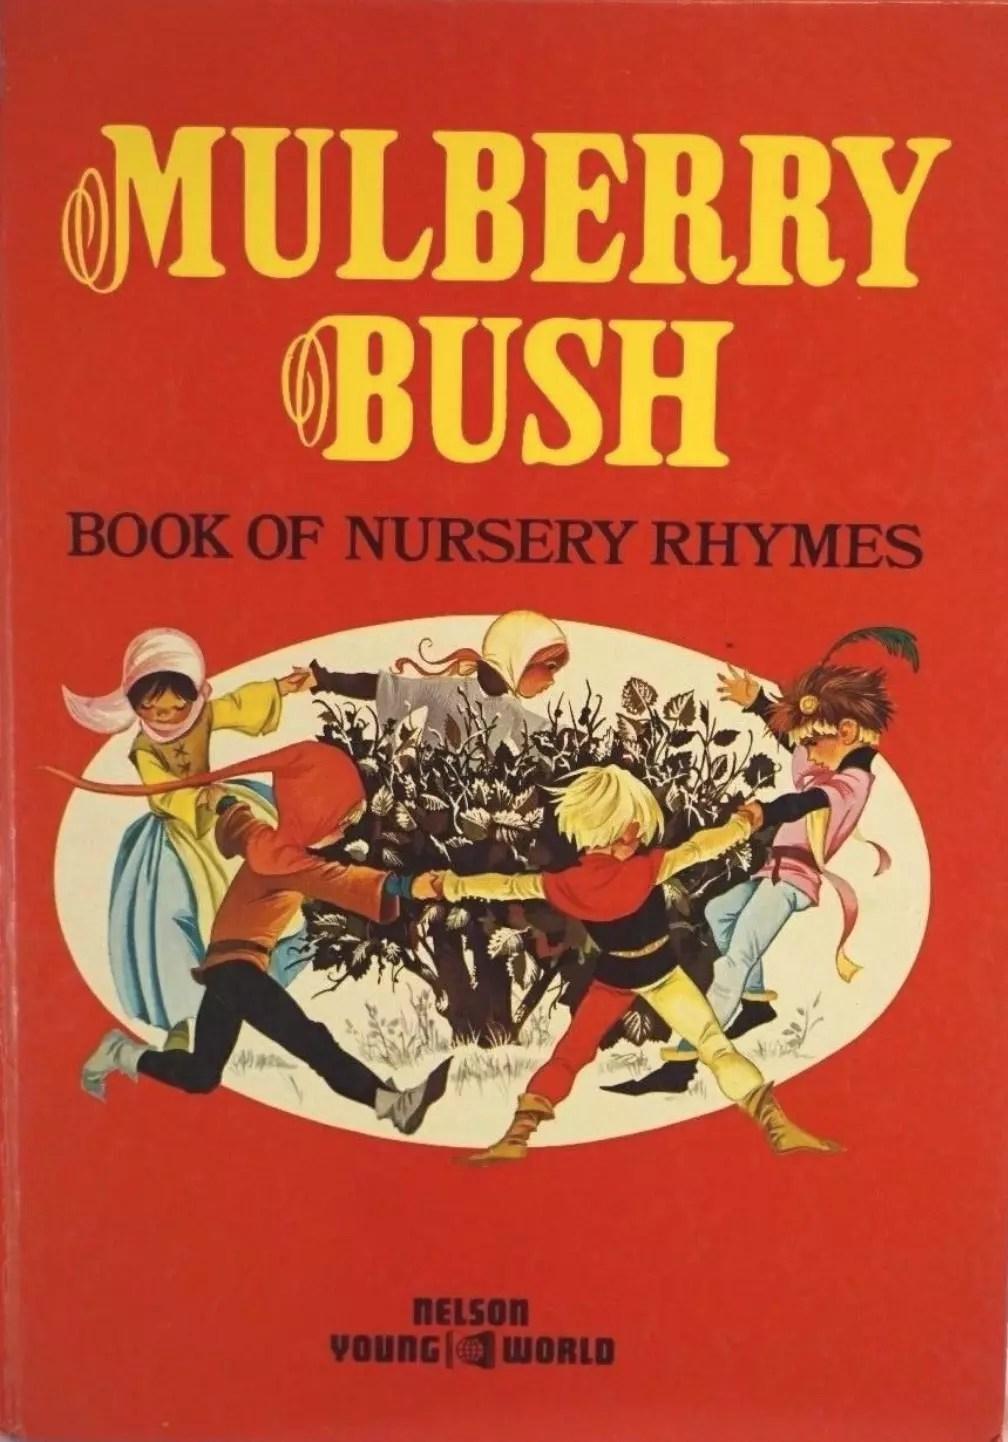 Janet Anne Grahame Johnstone Mulberry Bush